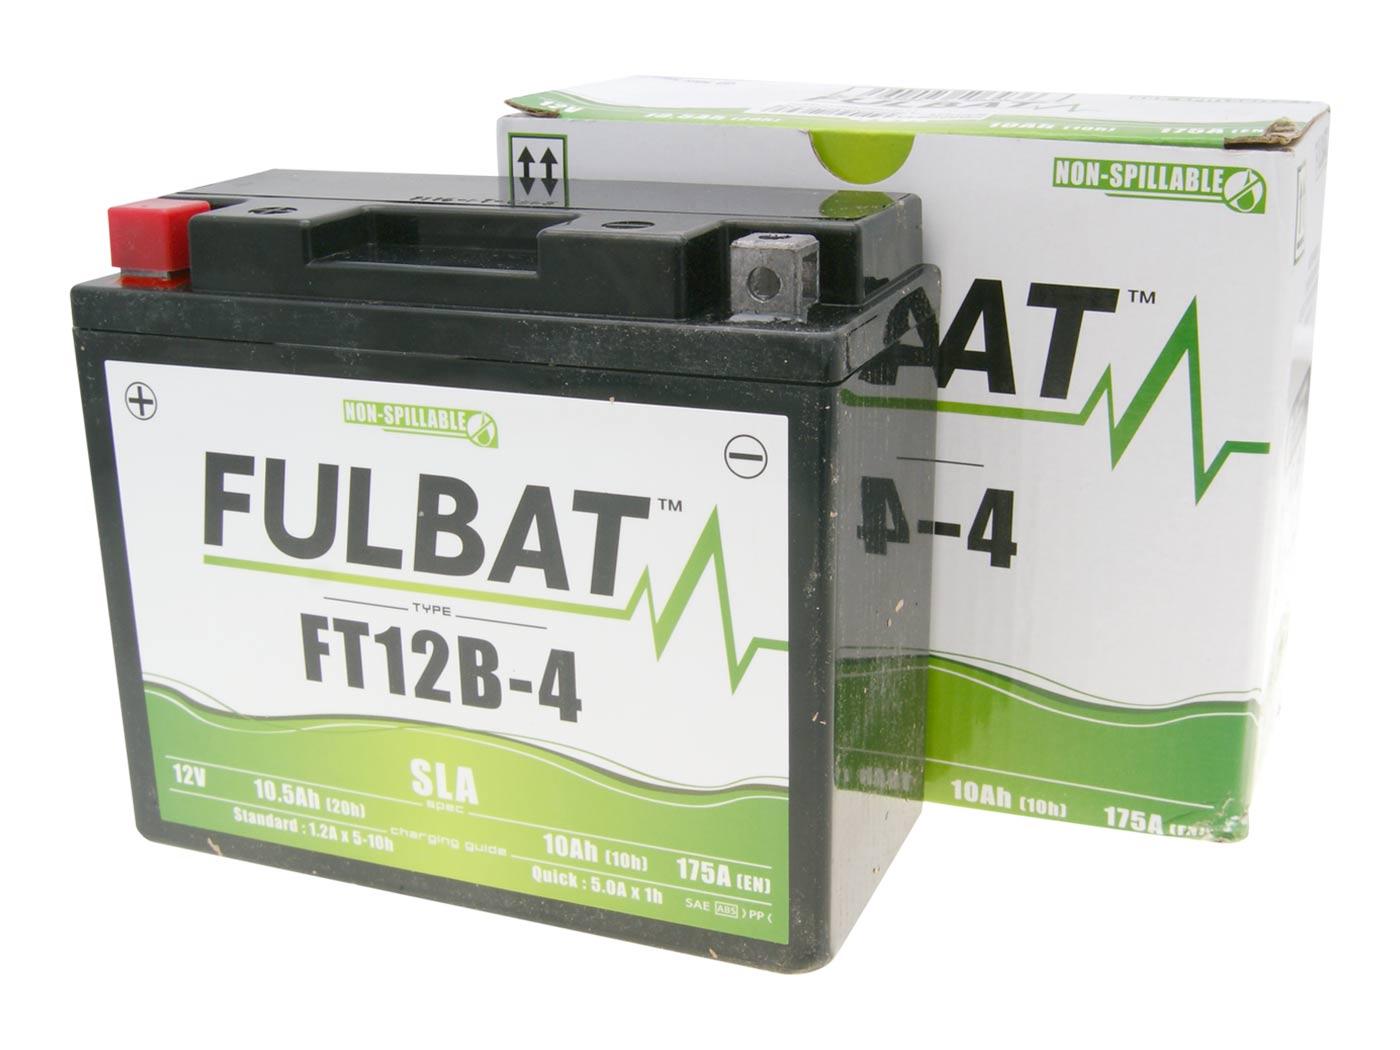 batterie fulbat ft12b 4 sla. Black Bedroom Furniture Sets. Home Design Ideas